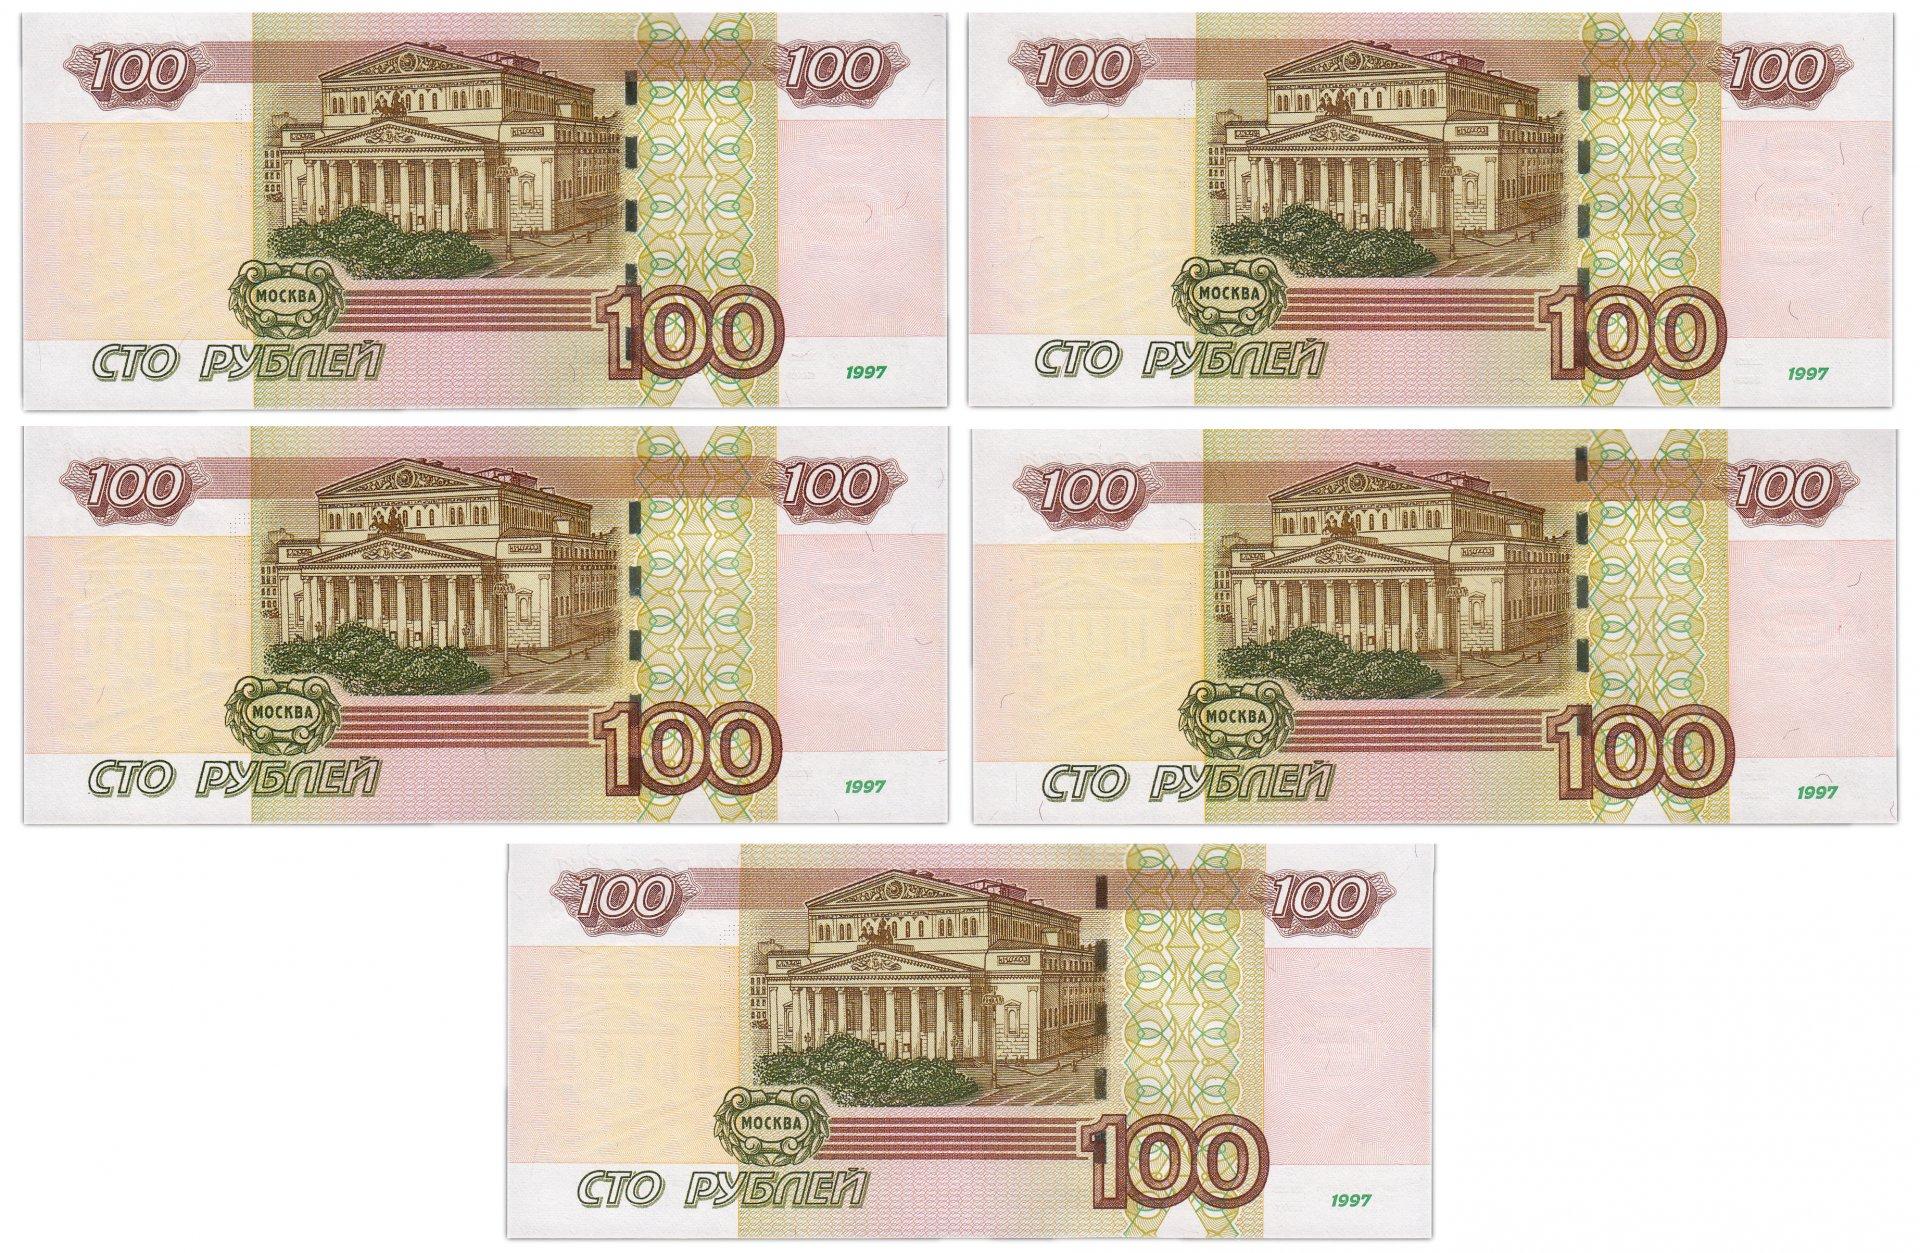 картинки рублей печатать картинка джокера тёмного